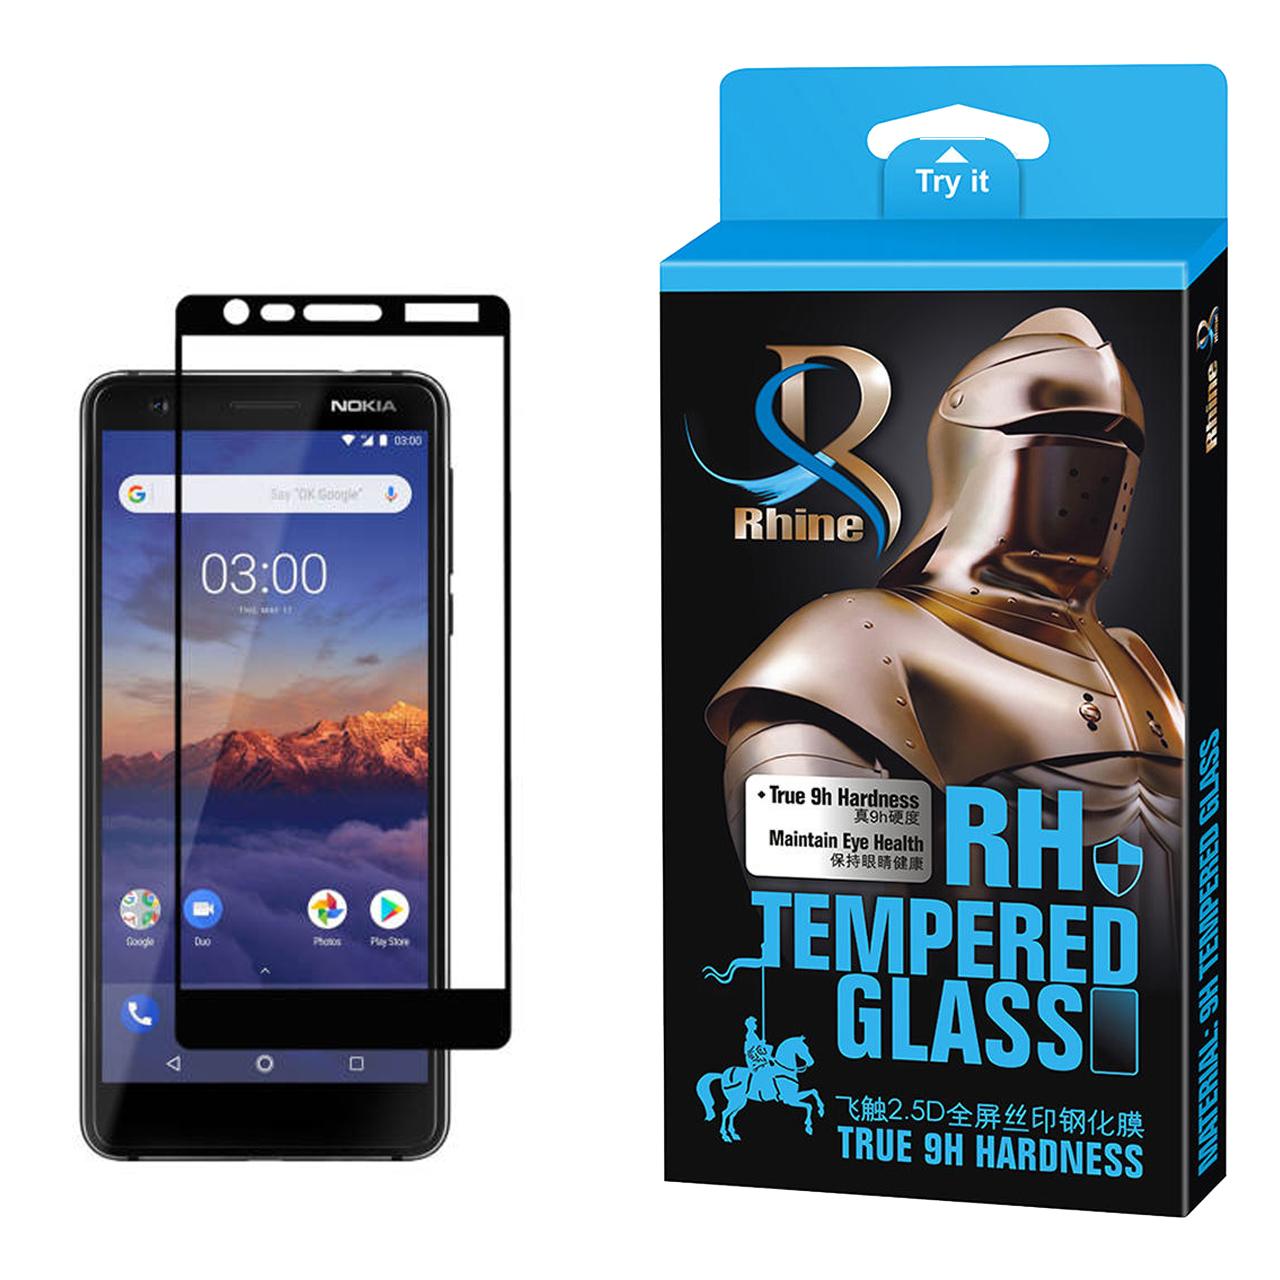 خرید                     محافظ صفحه نمایش راین مدل R_9 مناسب برای گوشی موبایل نوکیا 3.1